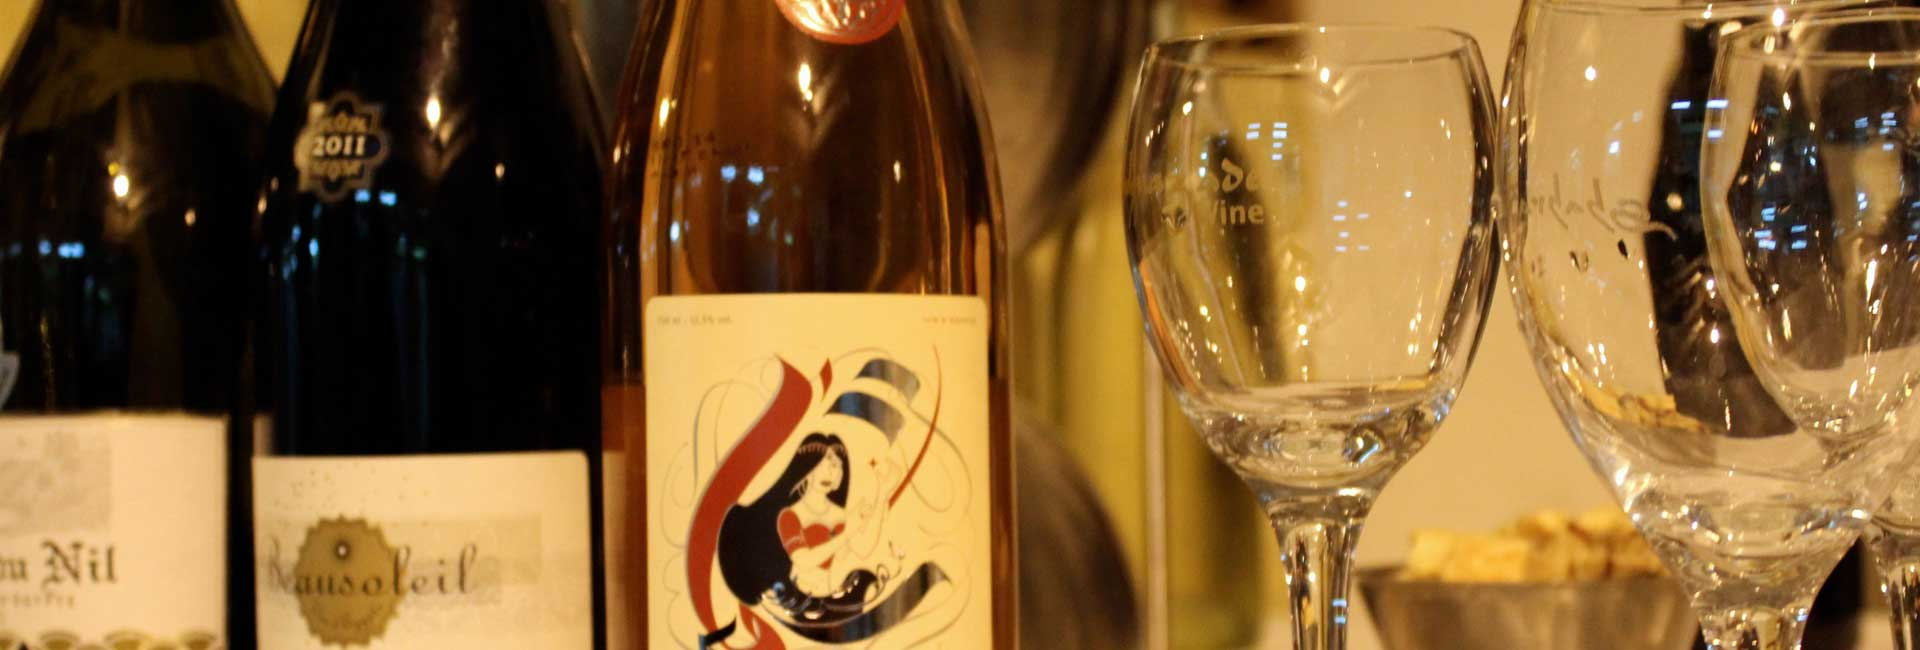 Egypt Wine & Dine